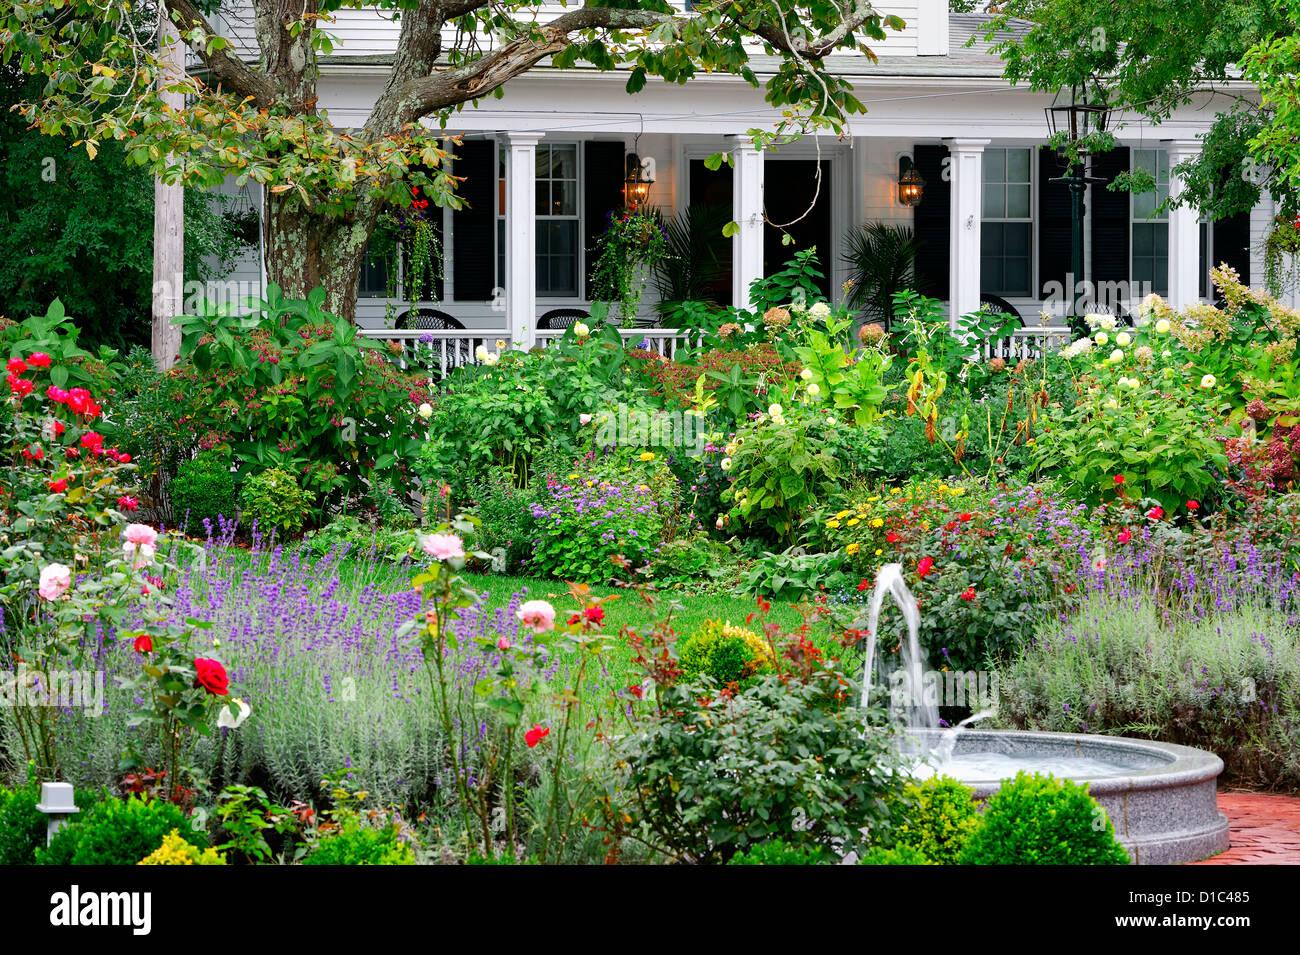 Lovely Home And Gardens Edgartown Martha S Vineyard Massachusetts